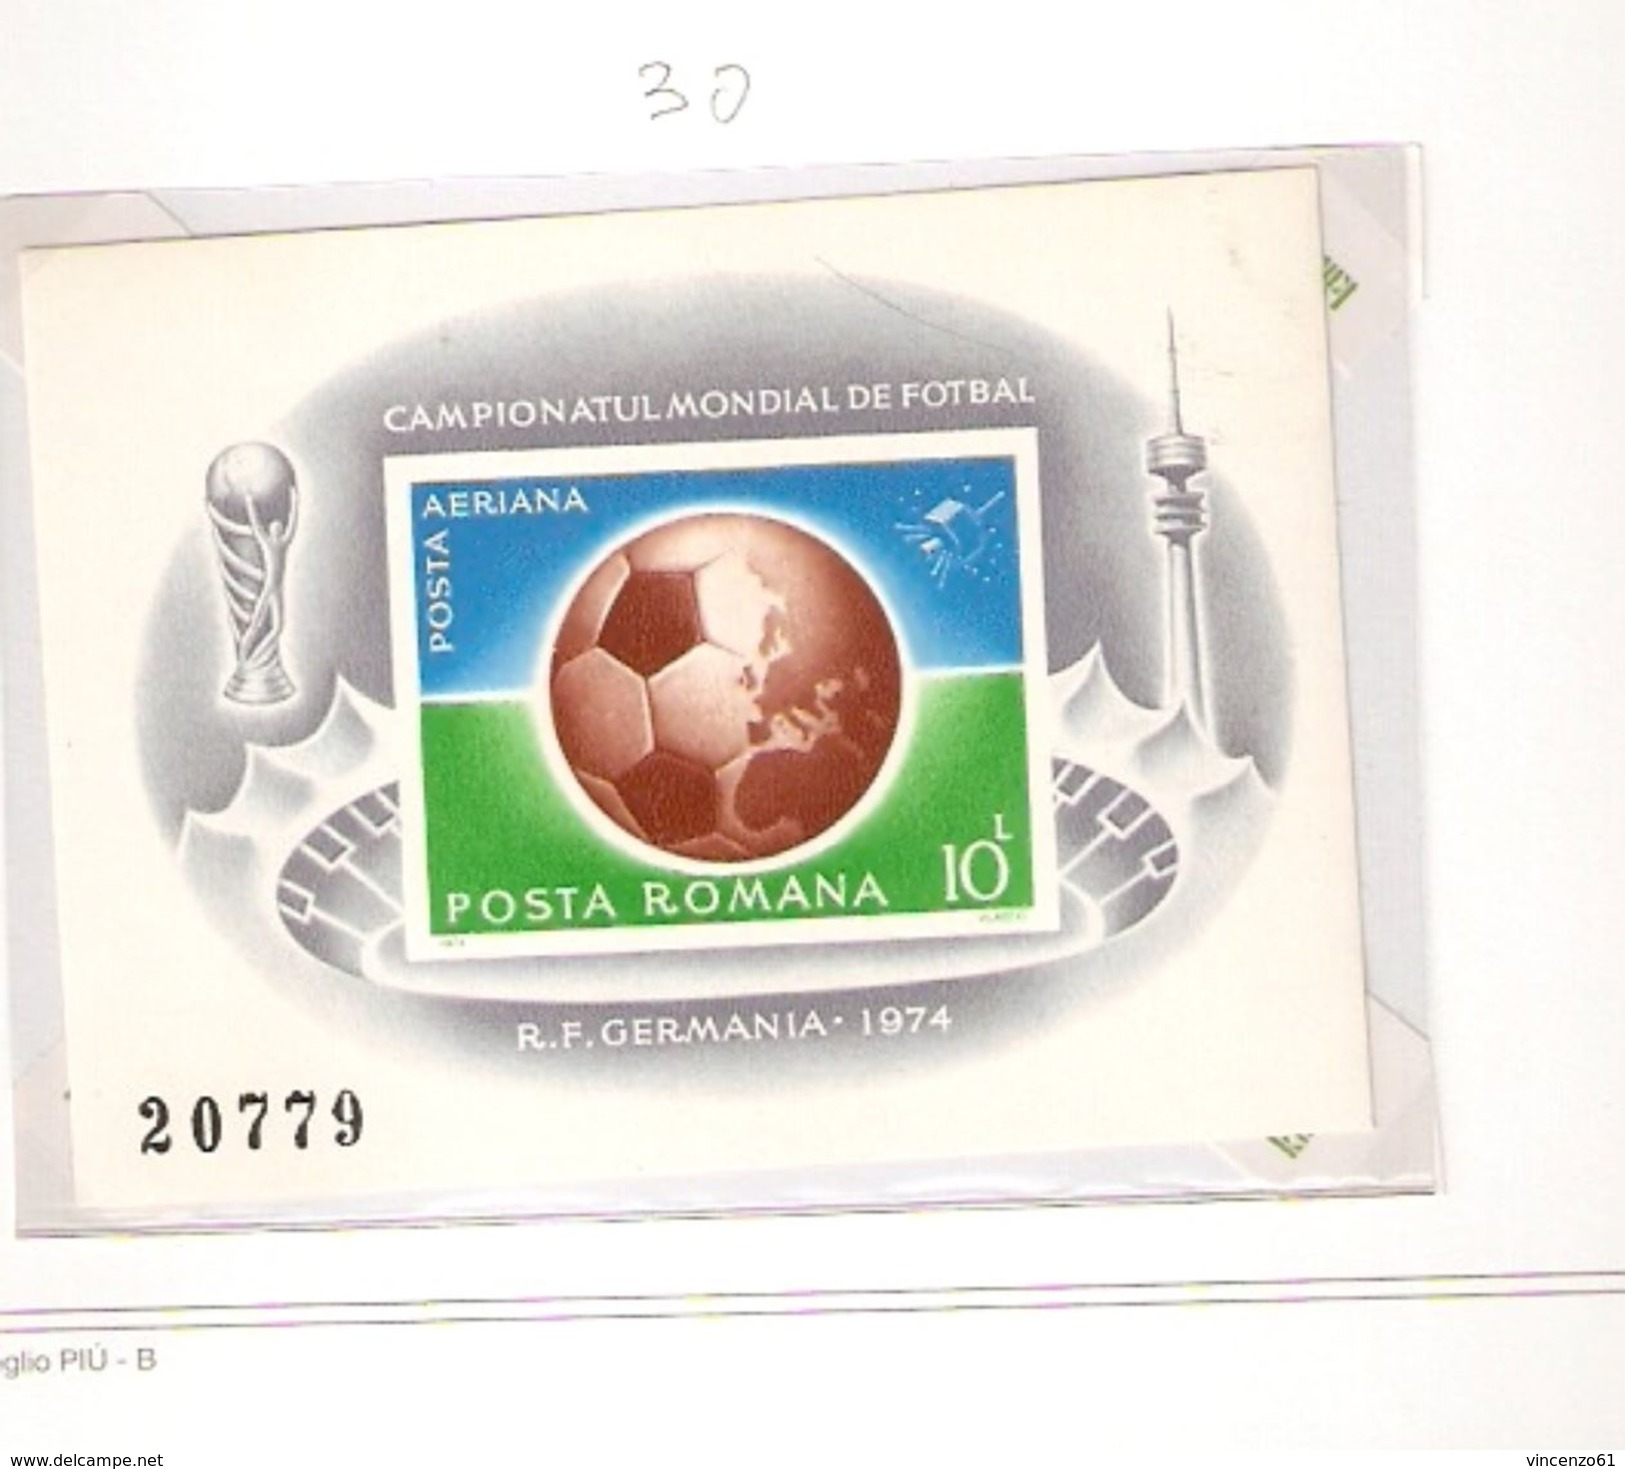 ROMANIA POSTA ROMANA  FIFA WORLD CUP 1974 GERMANY 1974 - Coppa Del Mondo